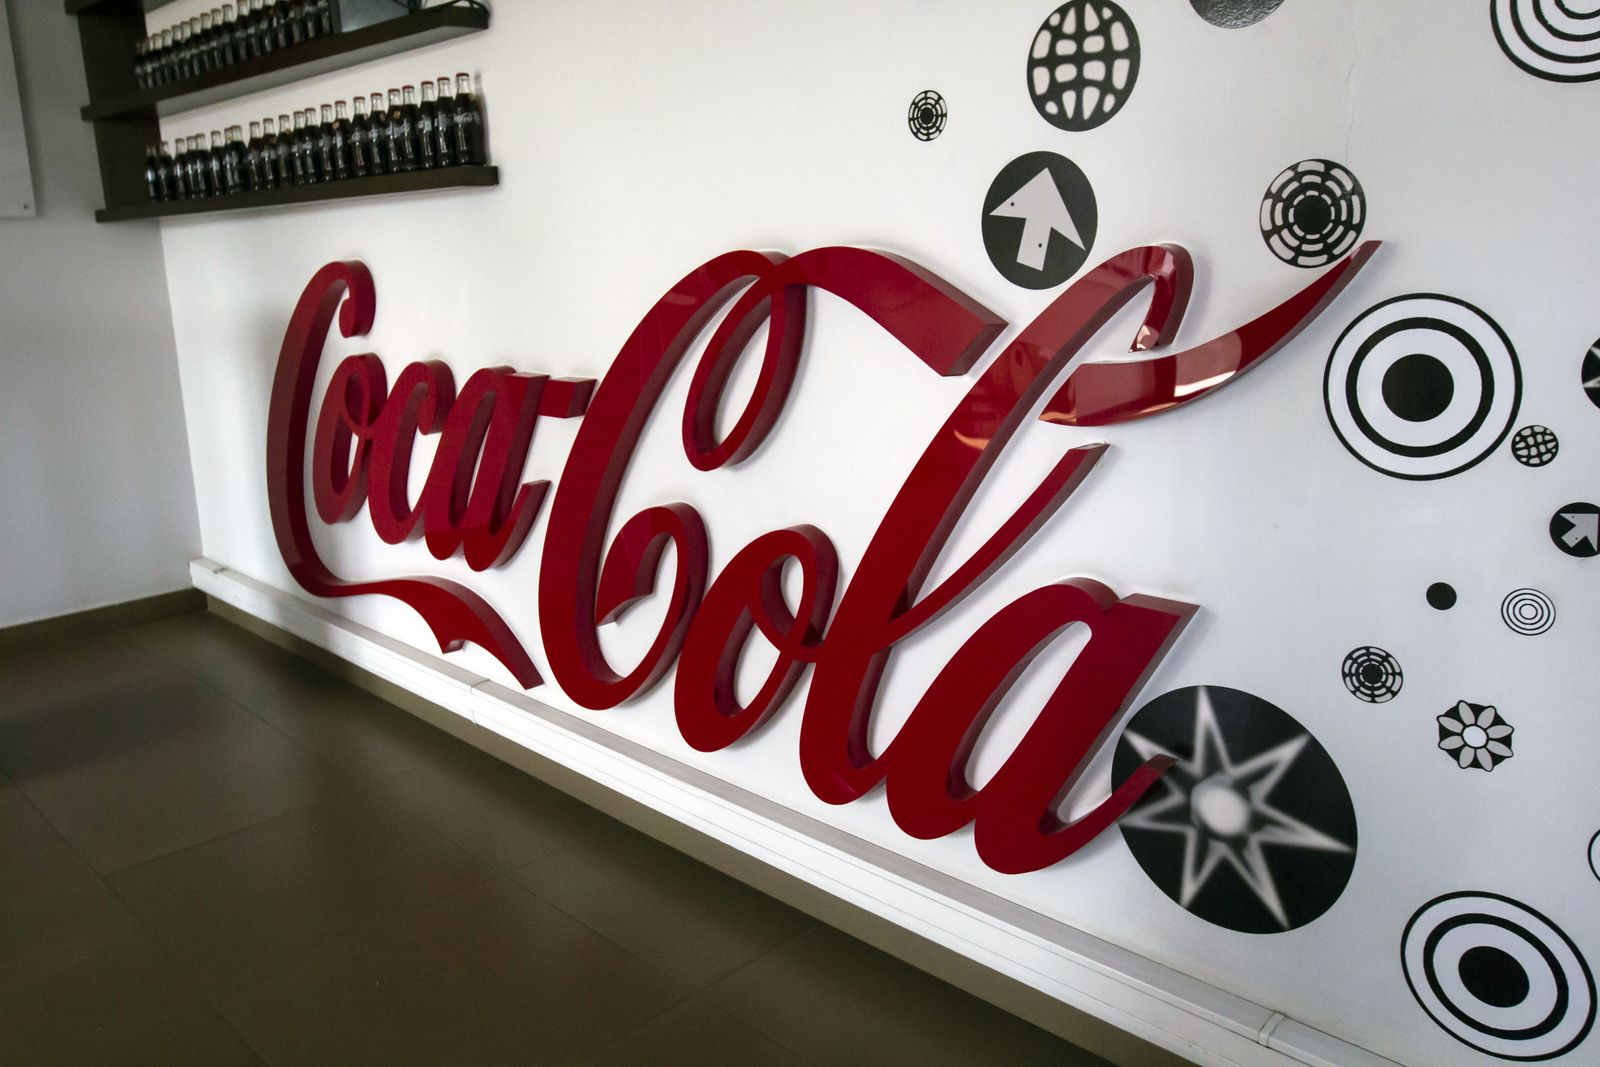 Coca-cola 3d letters